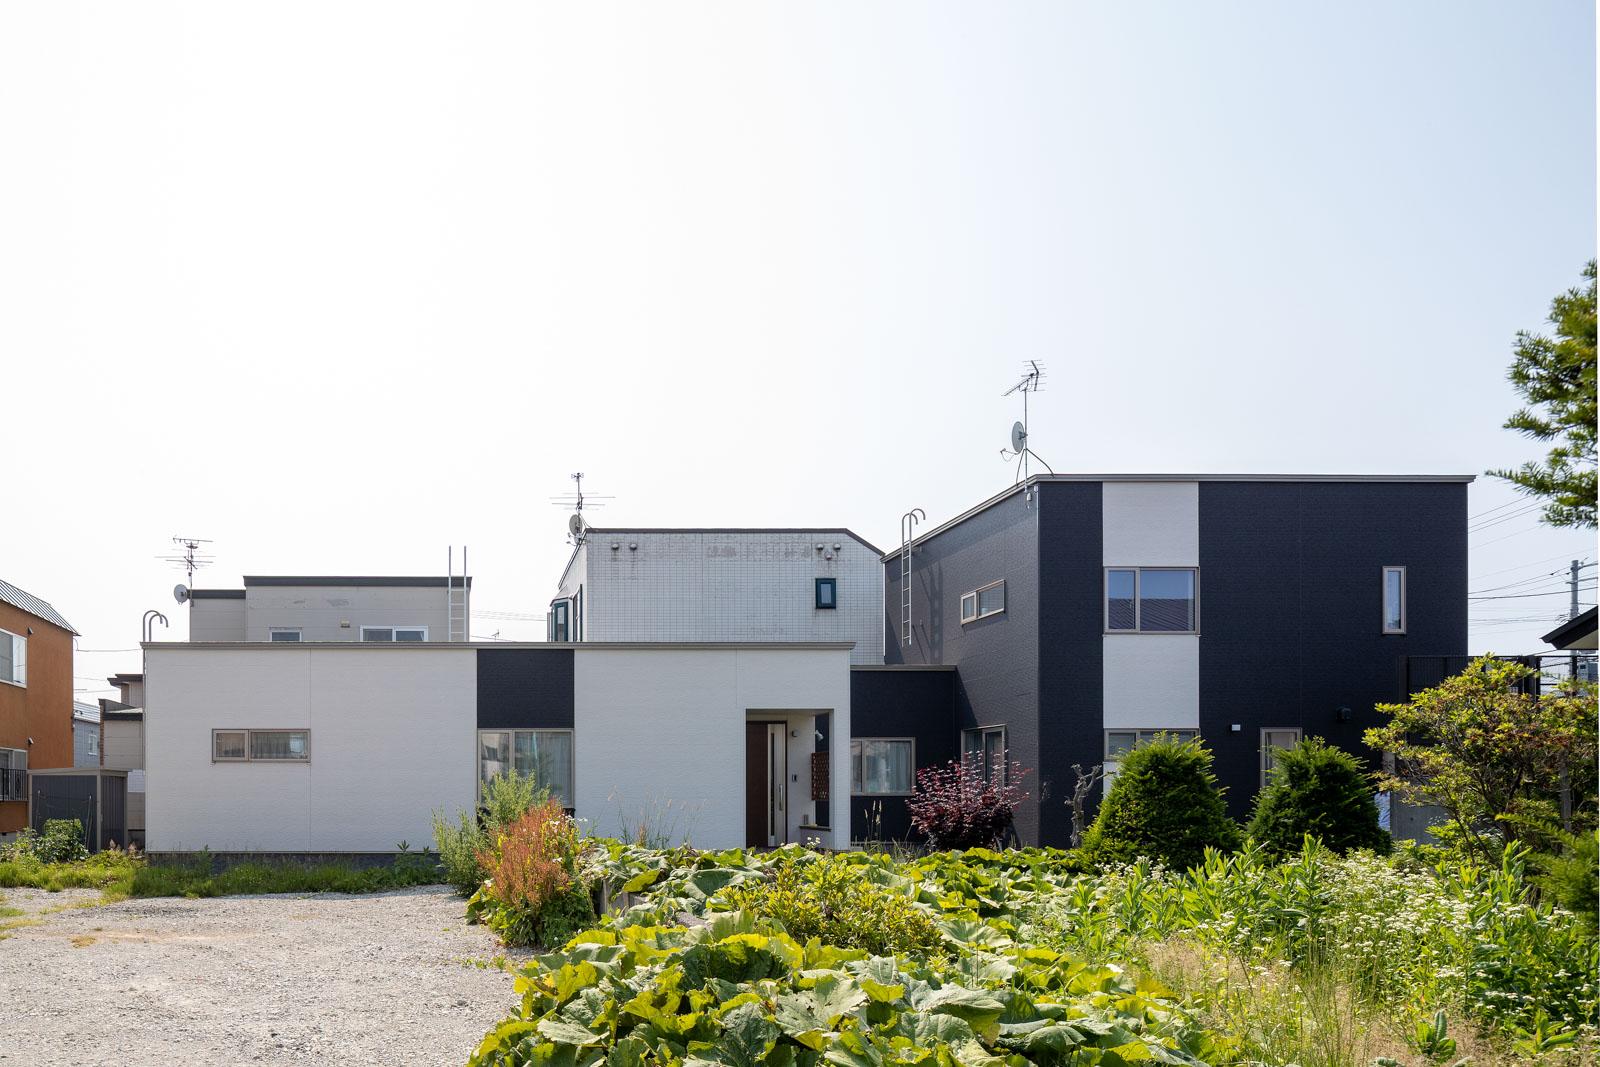 左側の平屋が親世帯、右側の2階建てが子世帯の住まい。真ん中のくぼんでいる部分が二世帯をつなぐ通路